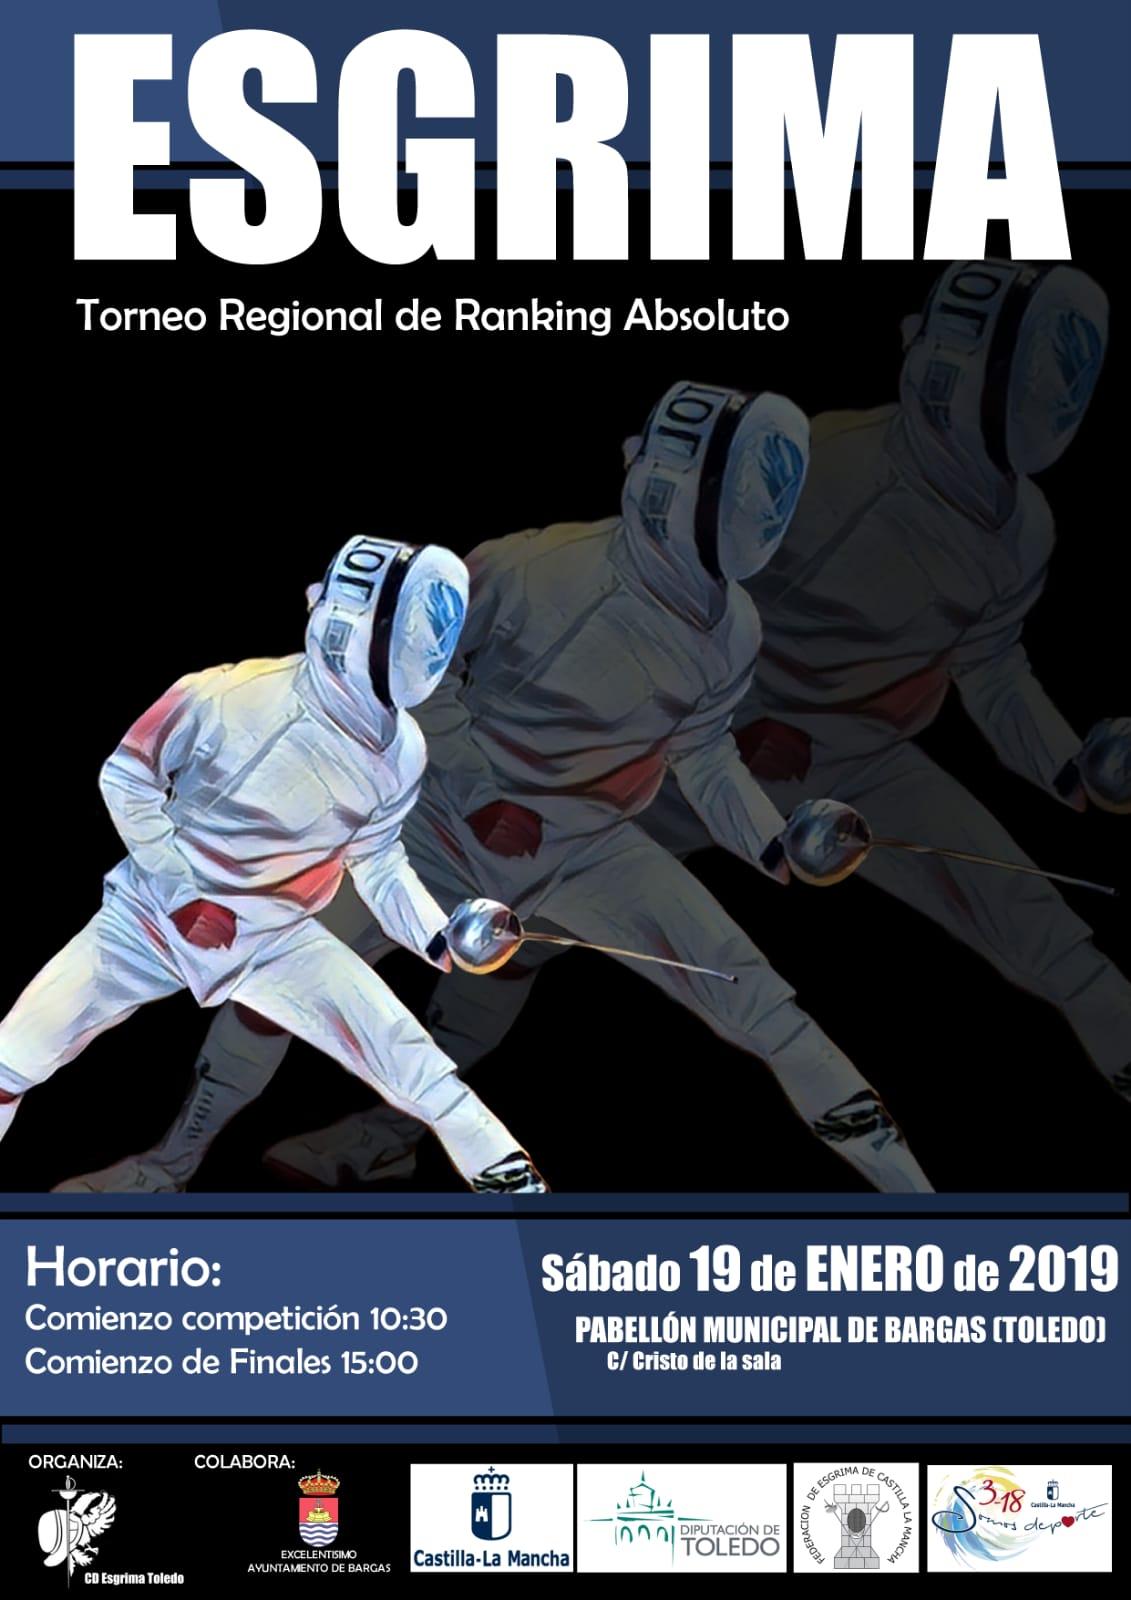 Esgrima: Torneo Regional de Ranking Absoluto